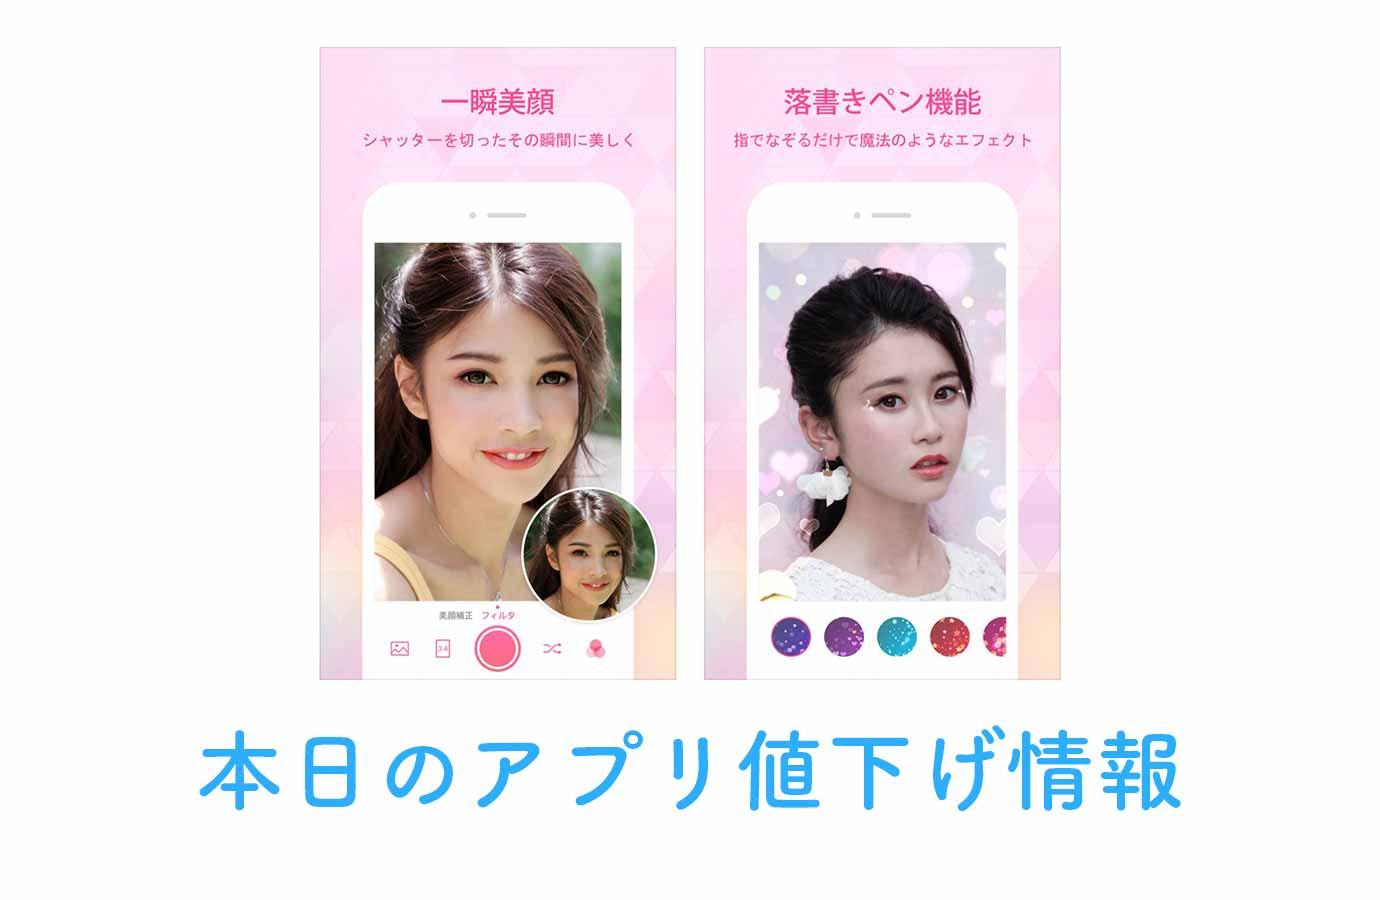 240円→無料!カワイイ自撮り写真が撮れるカメラアプリ「BeautyPlus」など【10/19】アプリ値下げ情報